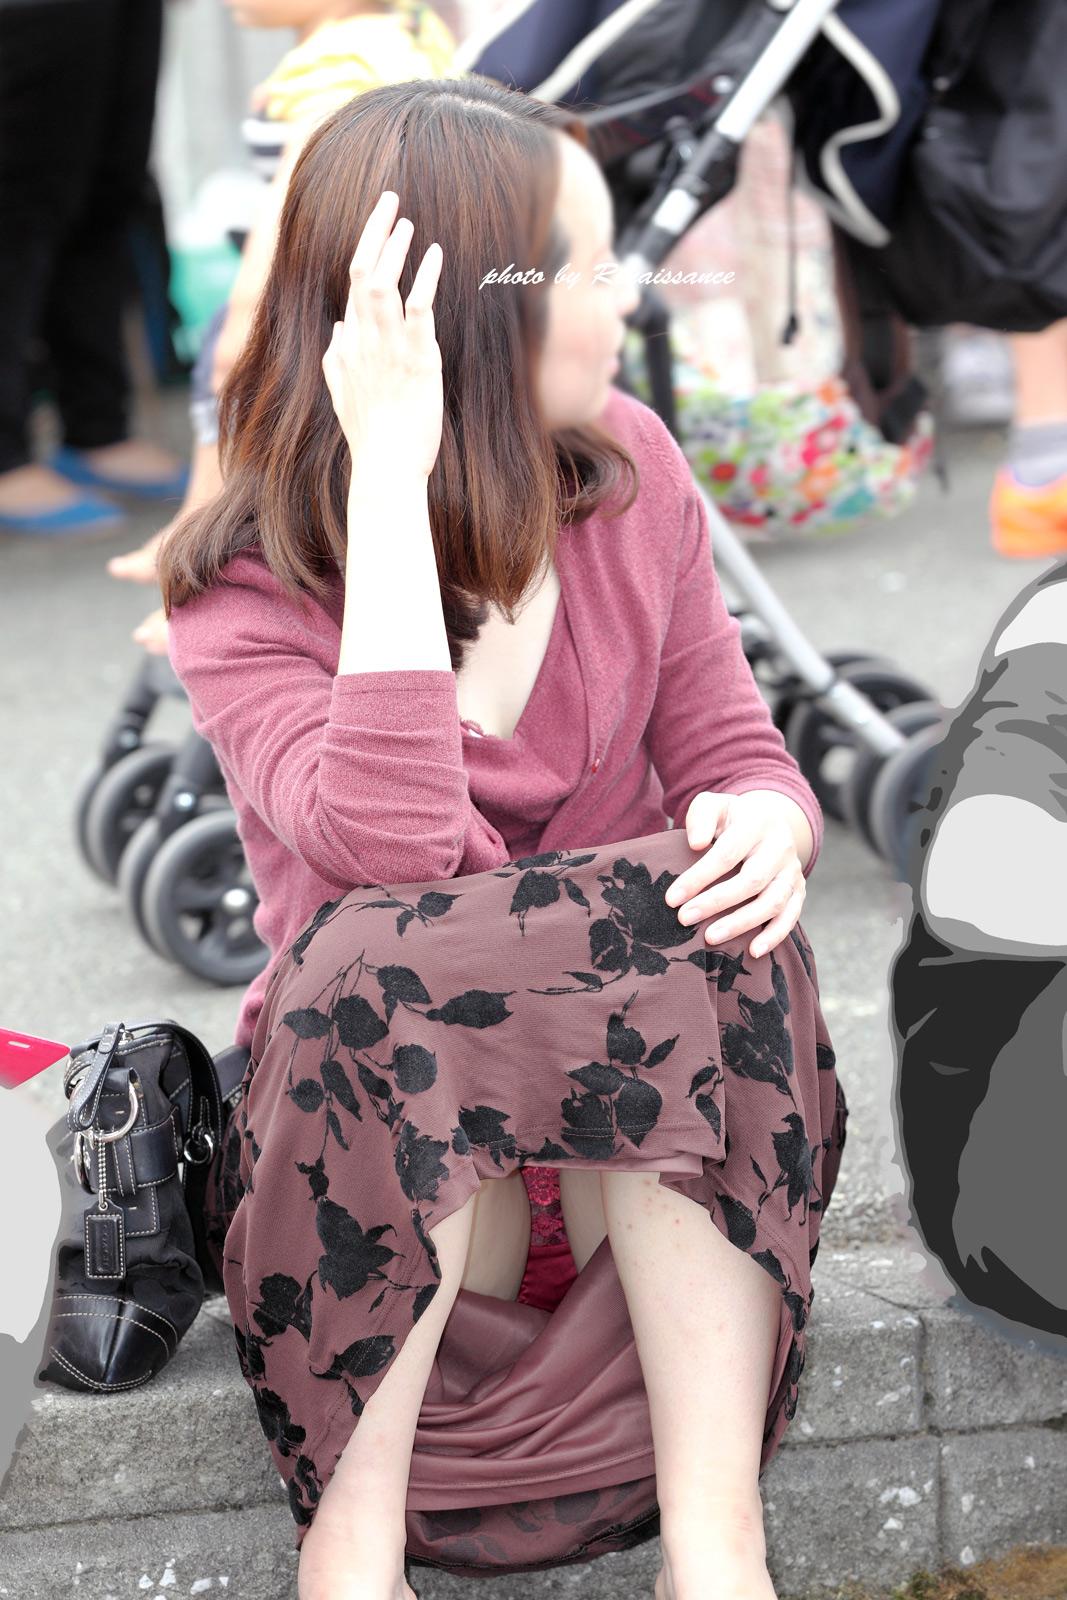 【街撮りパンチラエロ画像】無防備に晒された素人の股間…街中で偶然撮れたしゃがみパンチラが超エロいwww その9